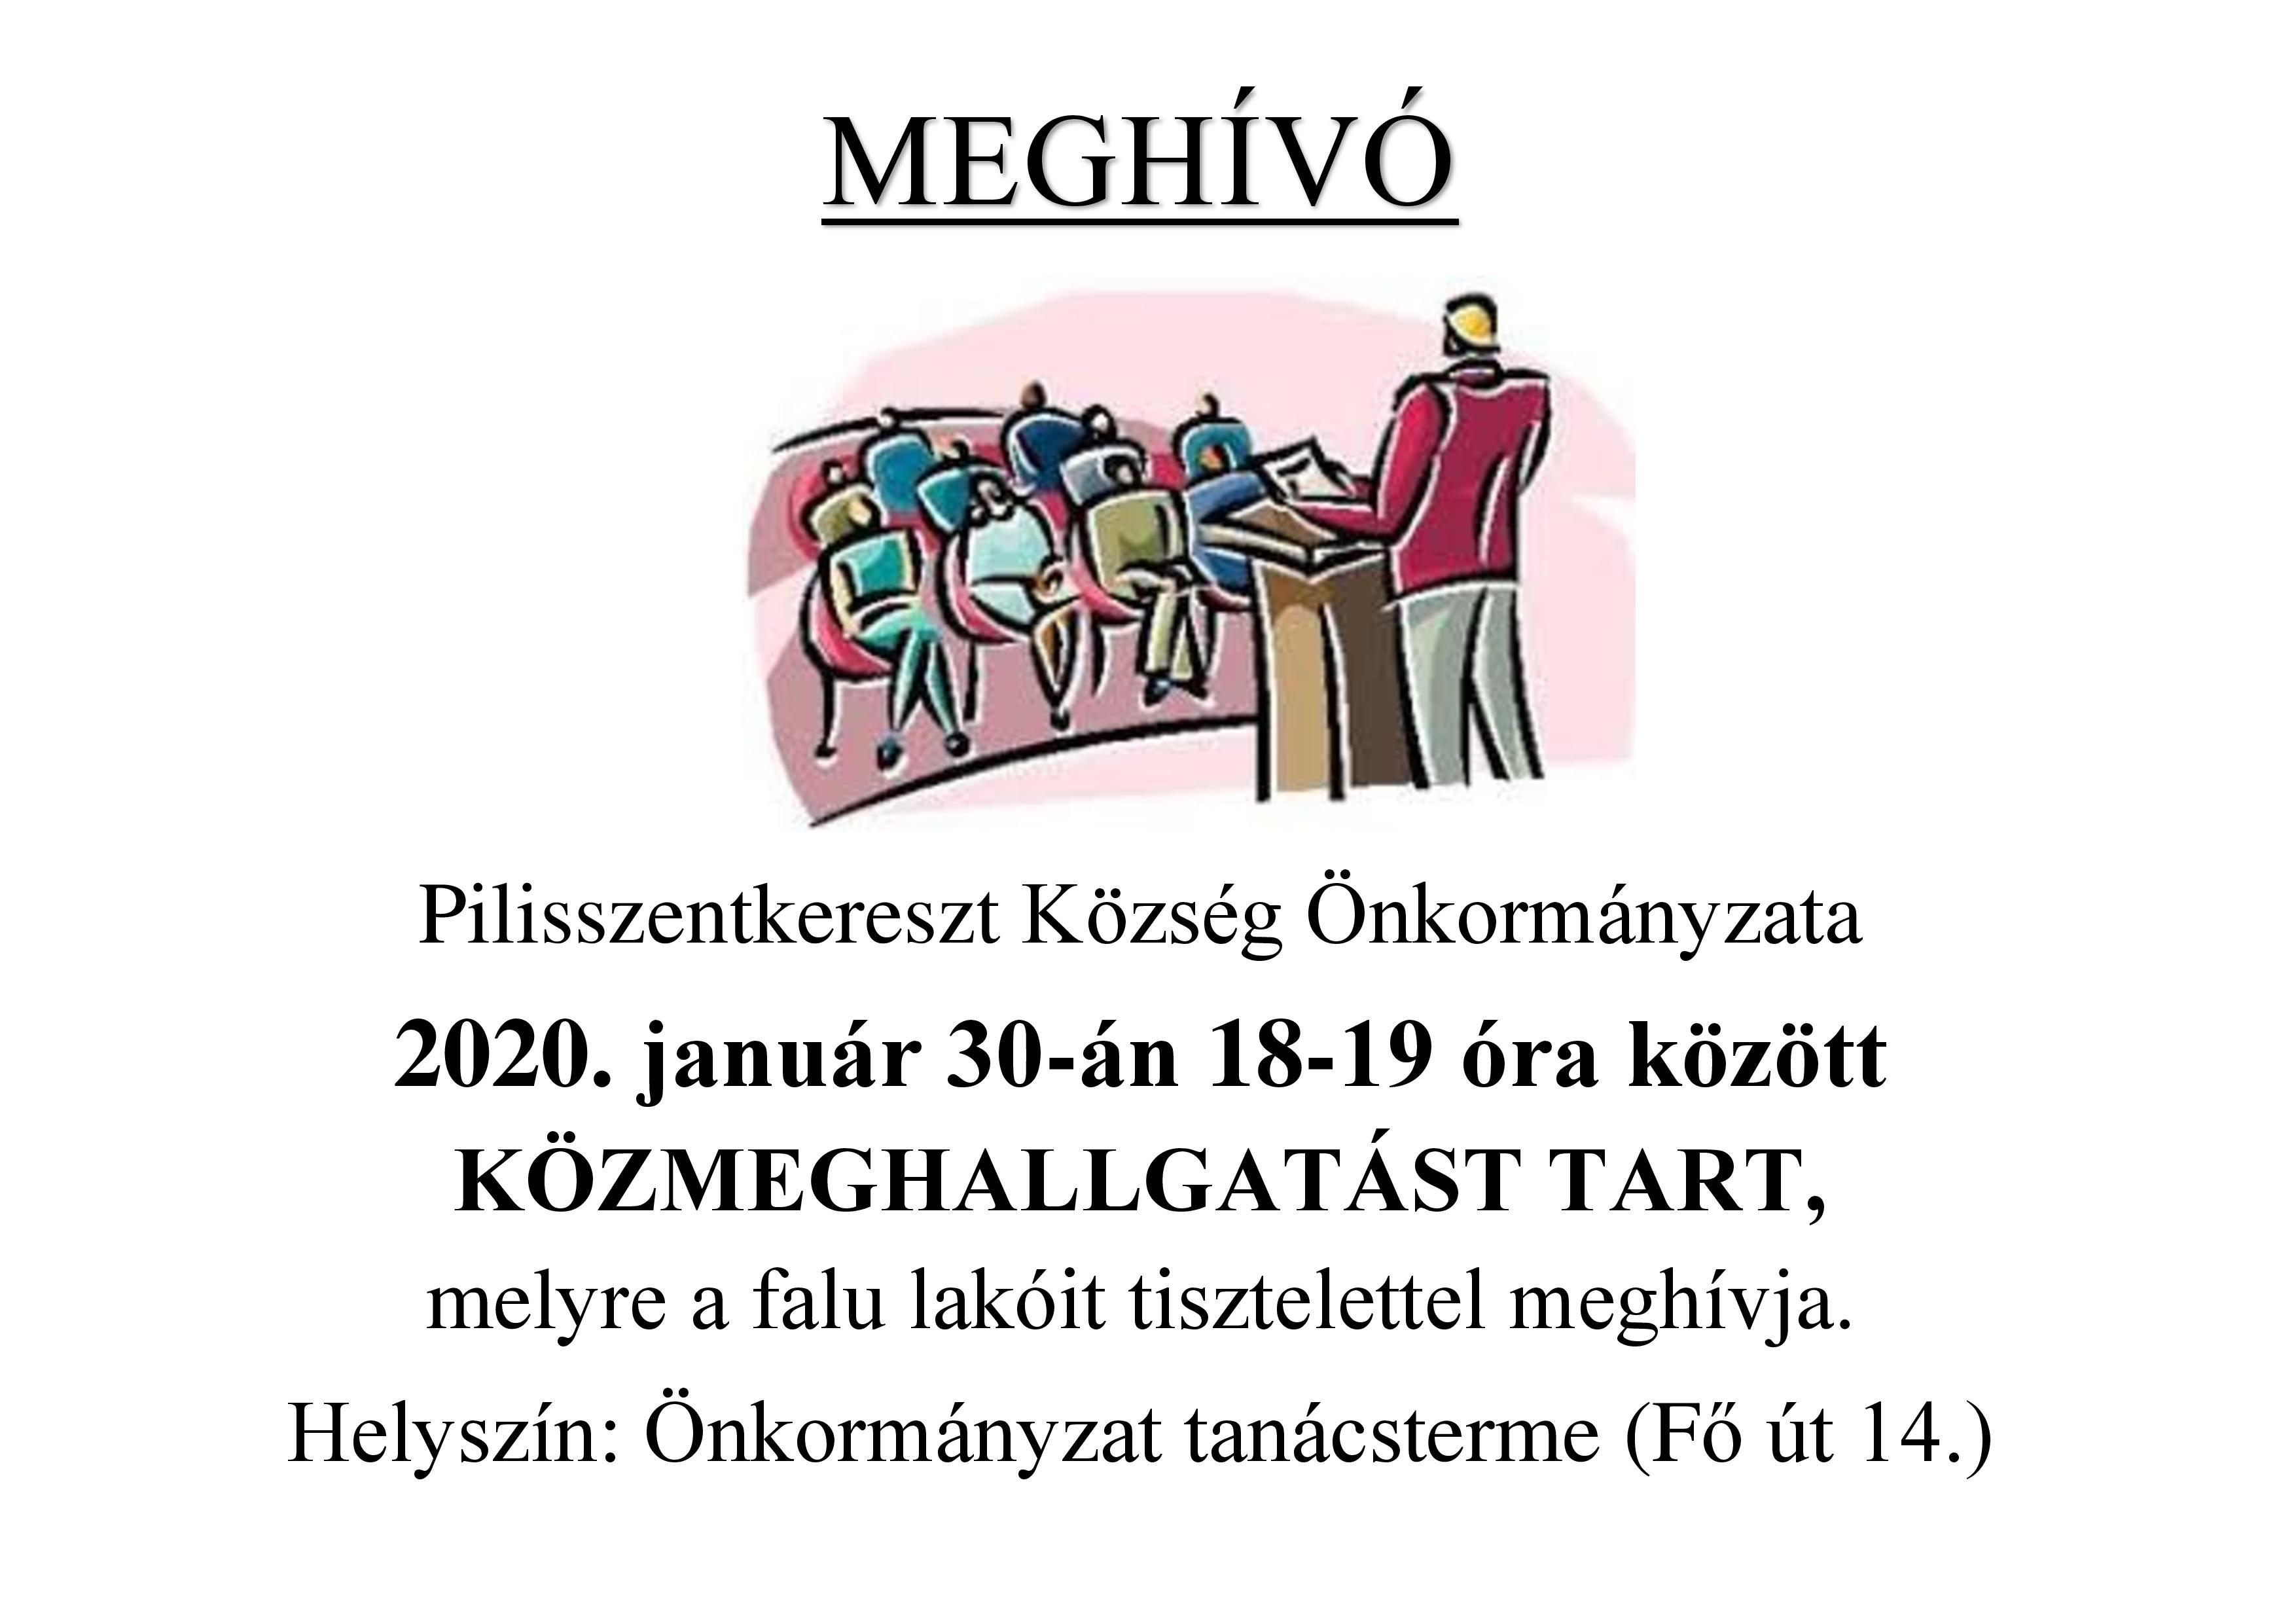 Meghívó közmeghallgatásra 2020.01.30.